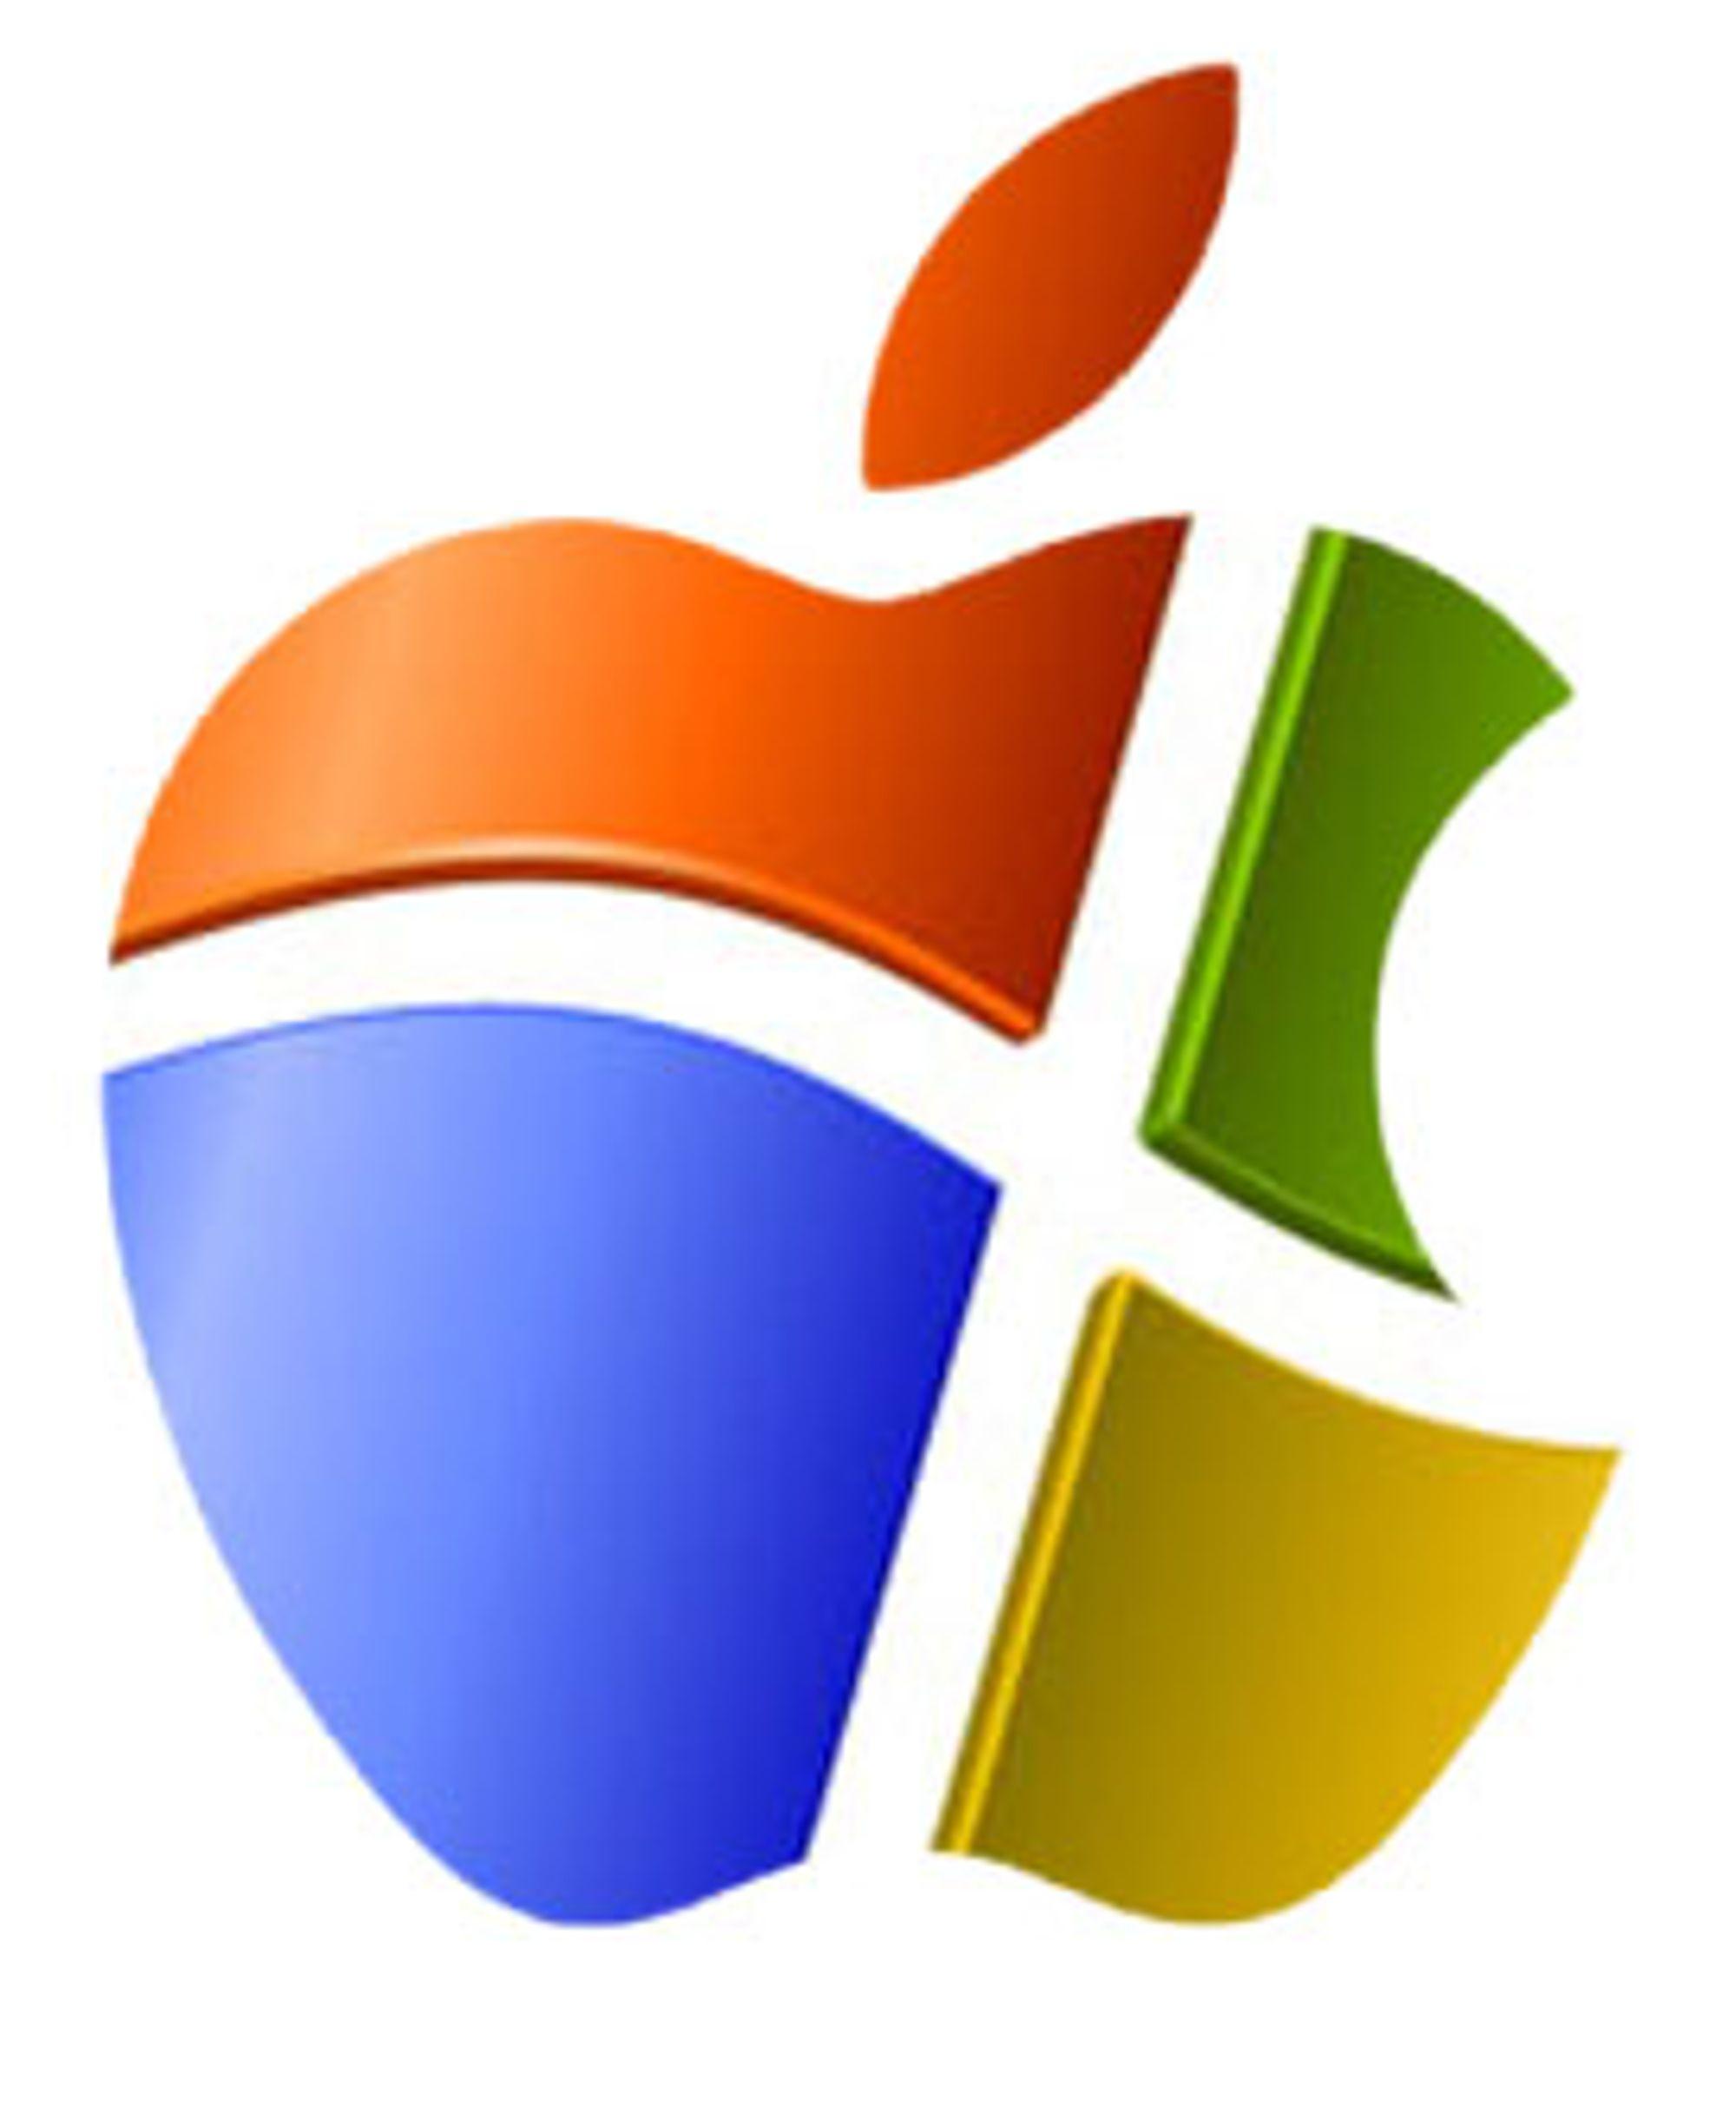 Mange Windows-brukere ønsker en bit av Apple